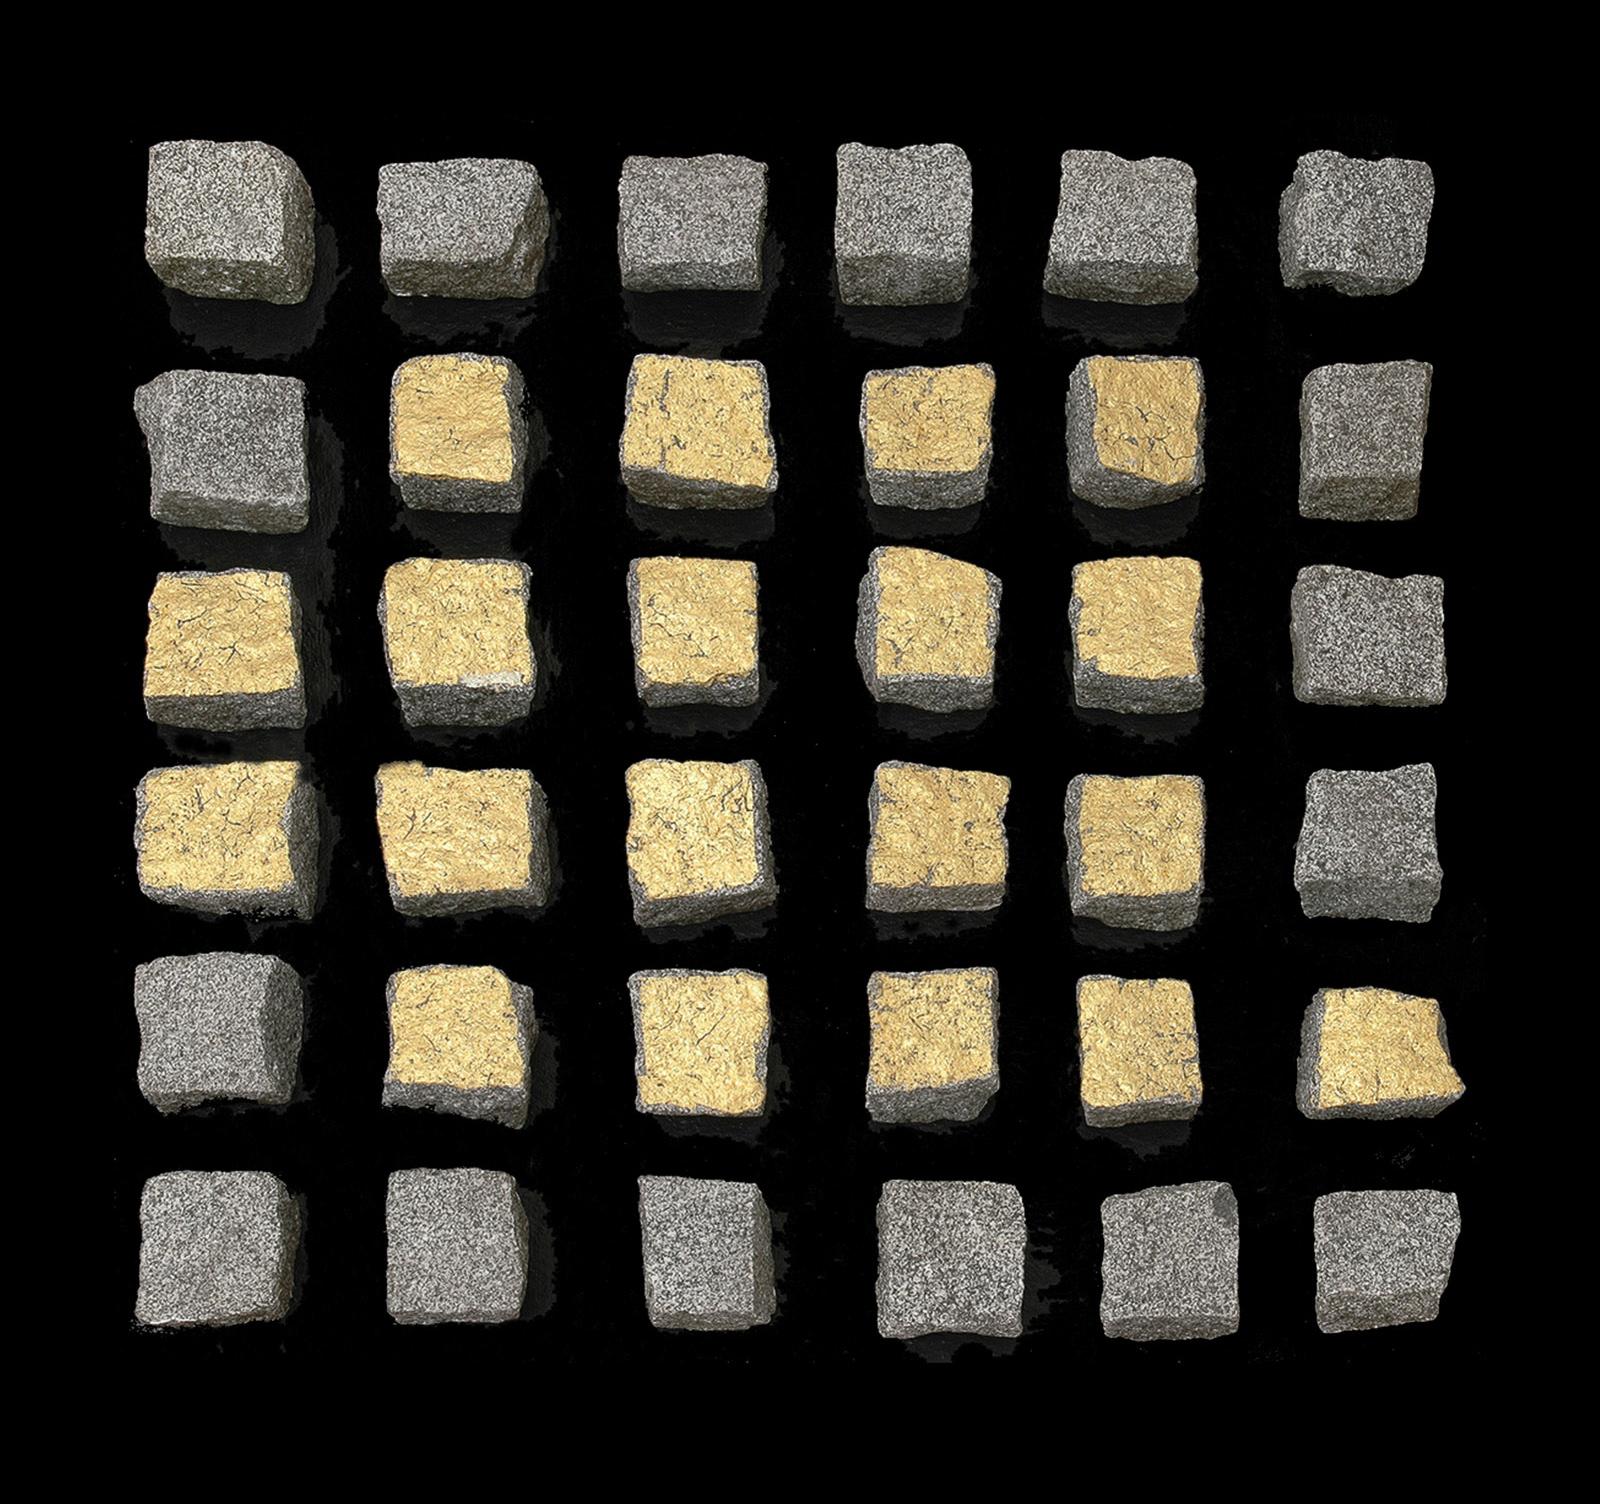 Goldsteinobjekt  1984 - Granit und Blattgold - 80 x 80 cm